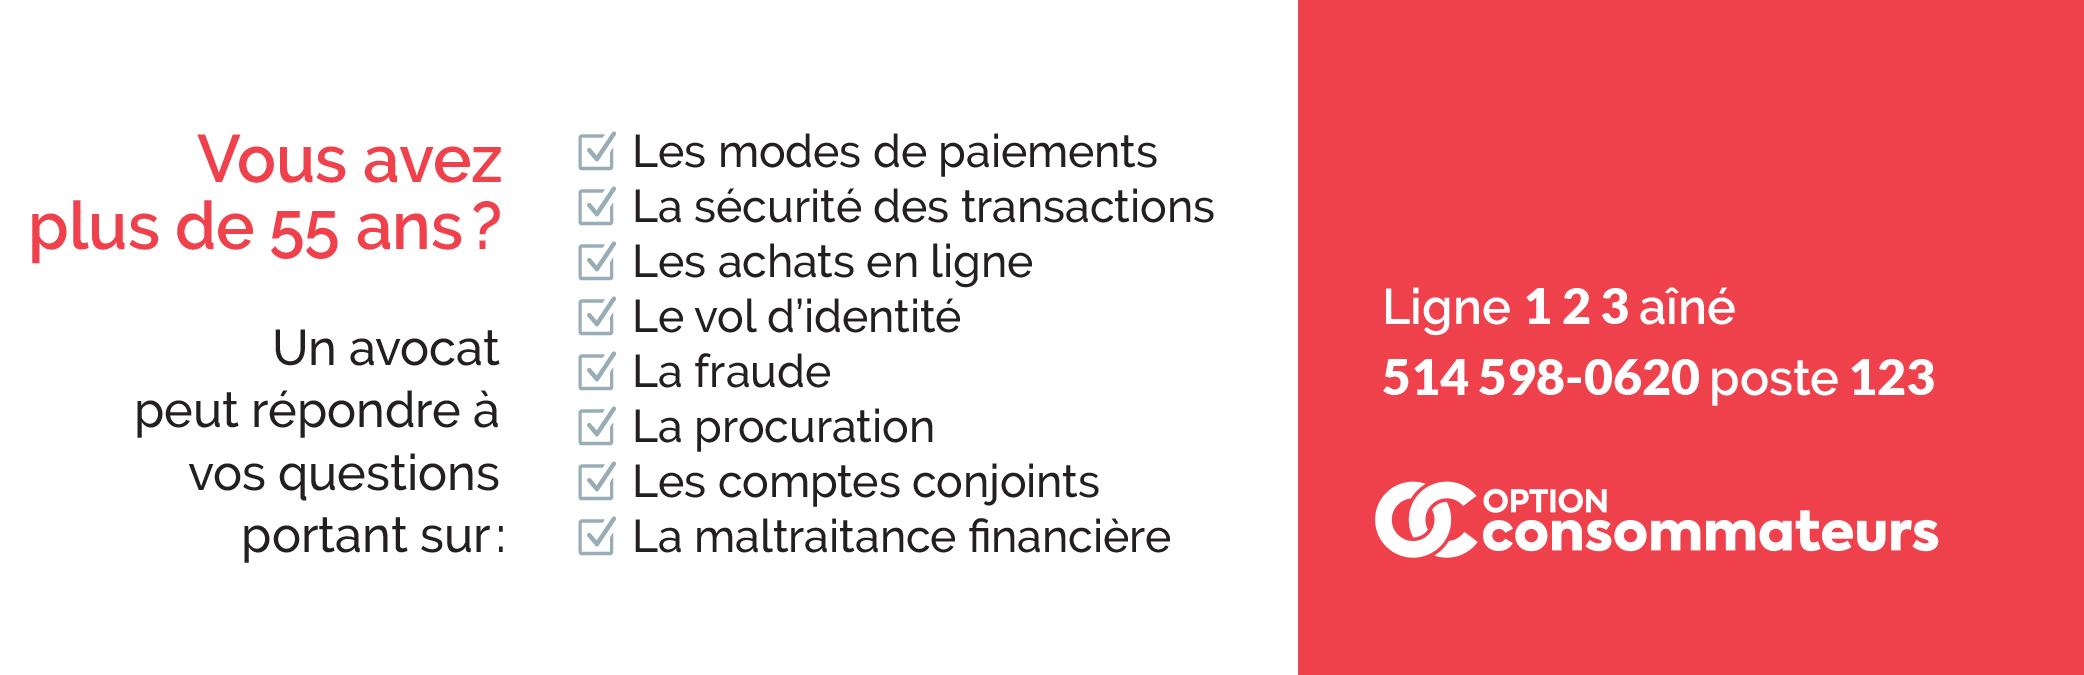 Photo Carte Assurance Maladie Jean Coutu.Volet Aines Option Consommateurs